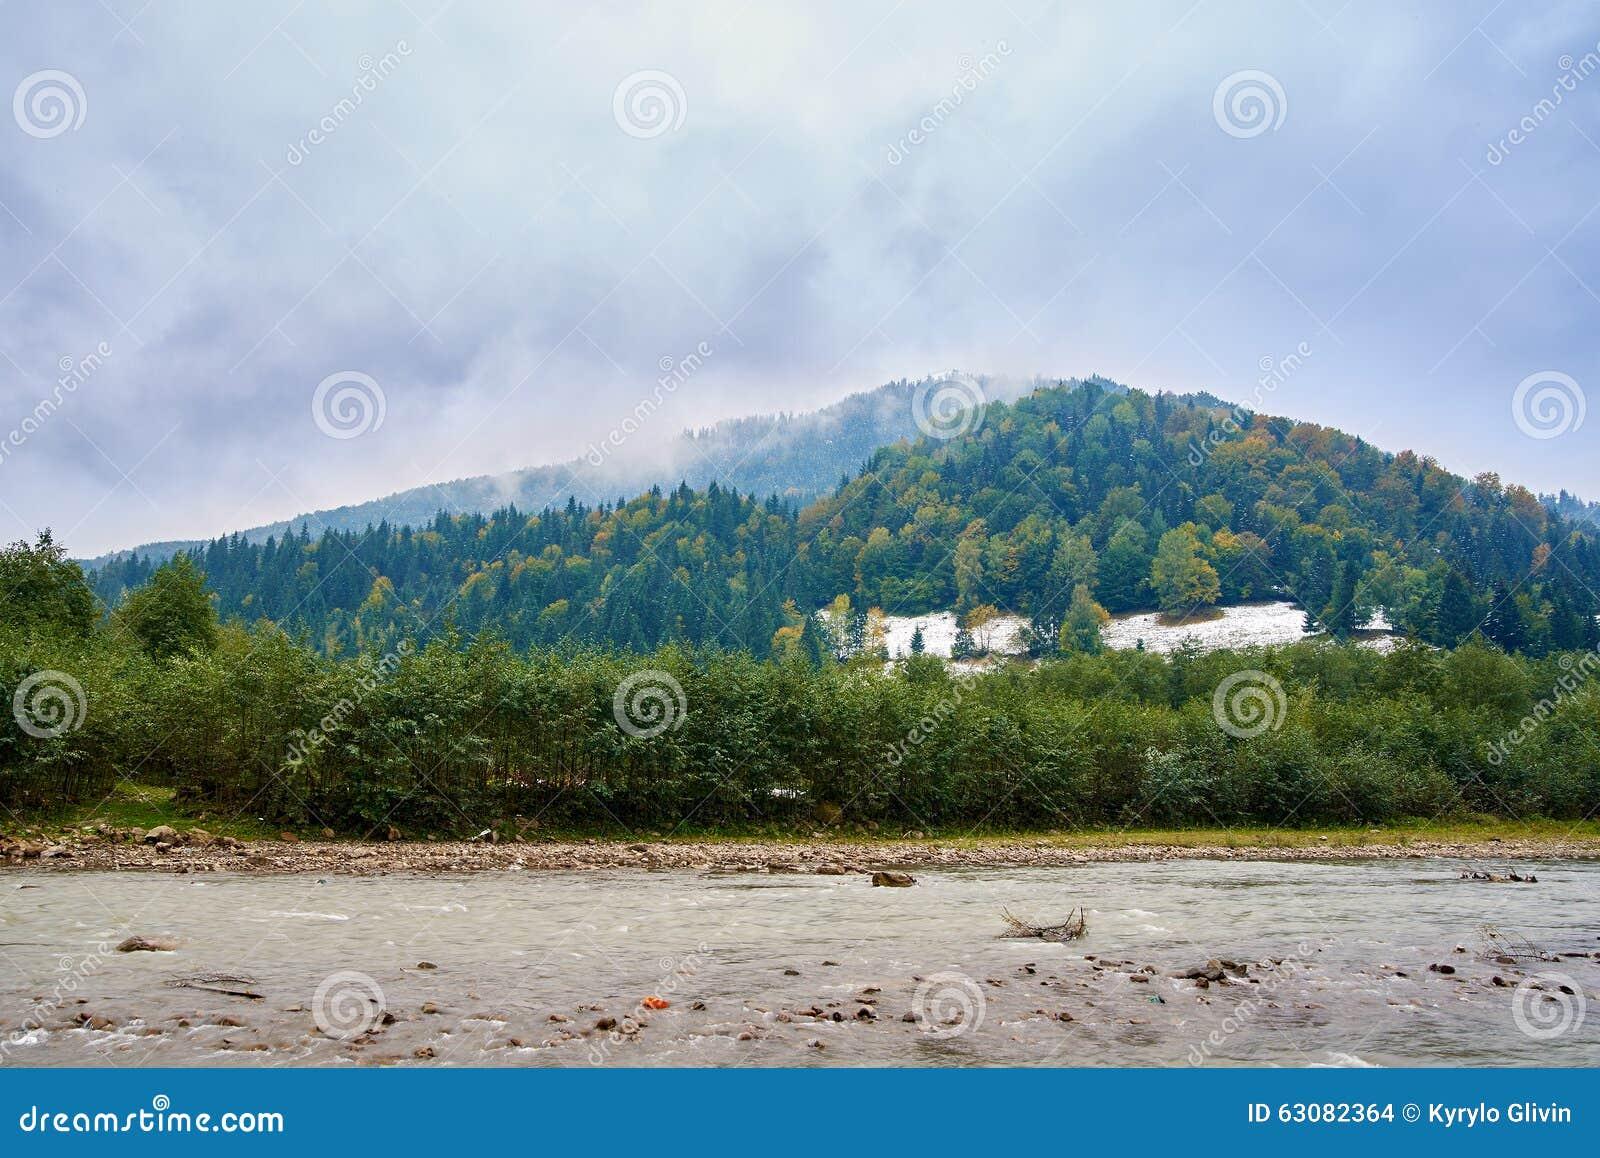 Download Rivière De Montagne Par Temps Pluvieux Brumeux Photo stock - Image du fleuve, neige: 63082364